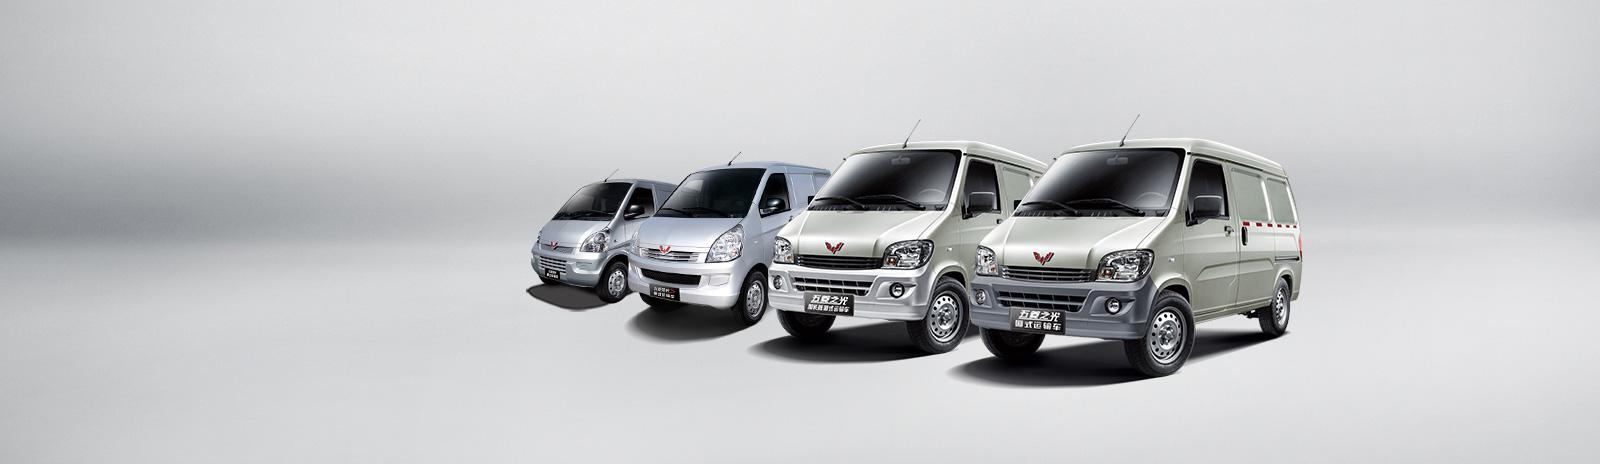 五(wu)菱微貨車價格與(yu)配置, 五(wu)菱微貨車分期